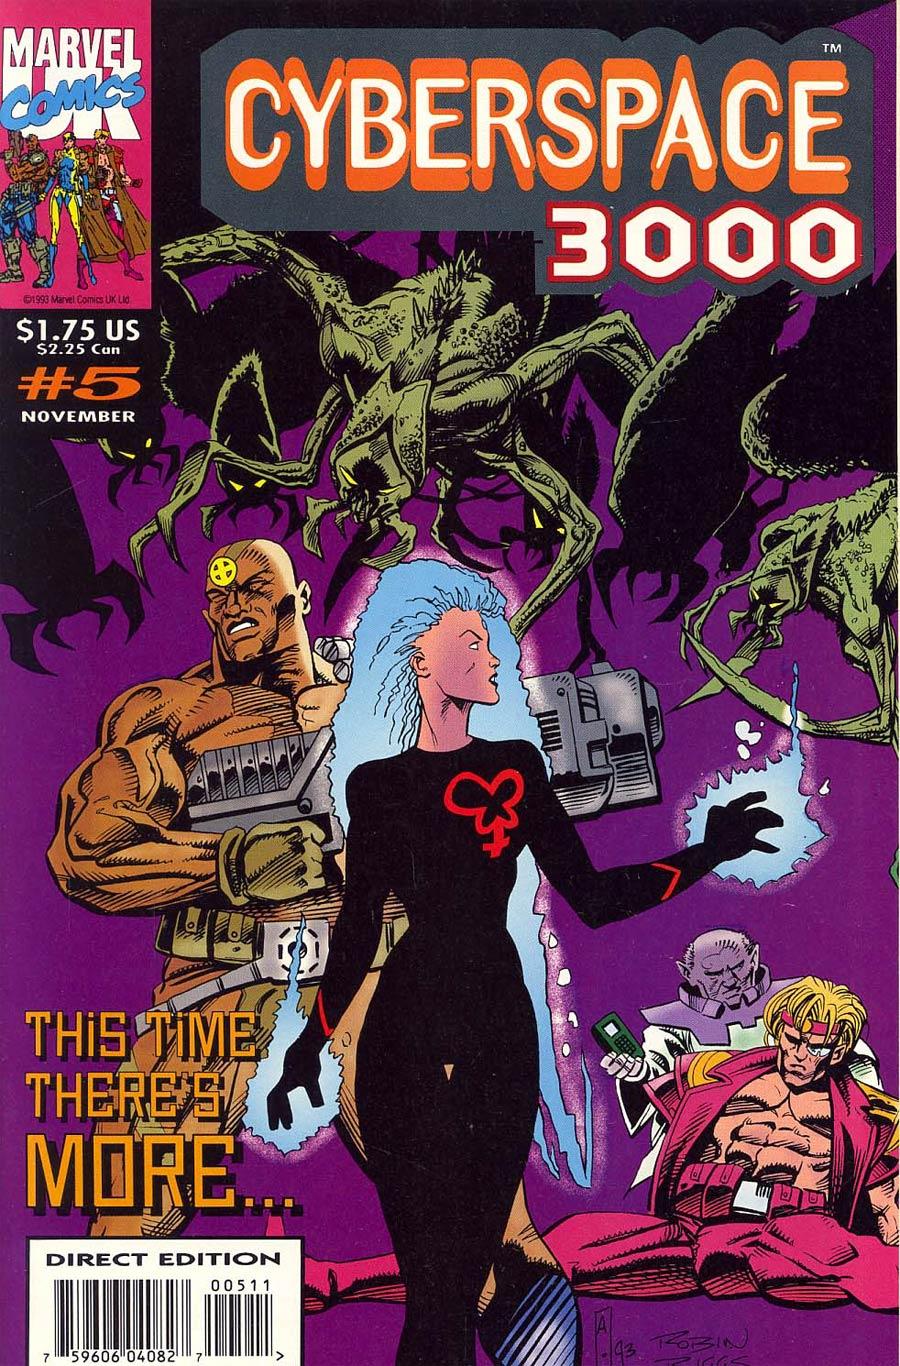 Cyberspace 3000 #5